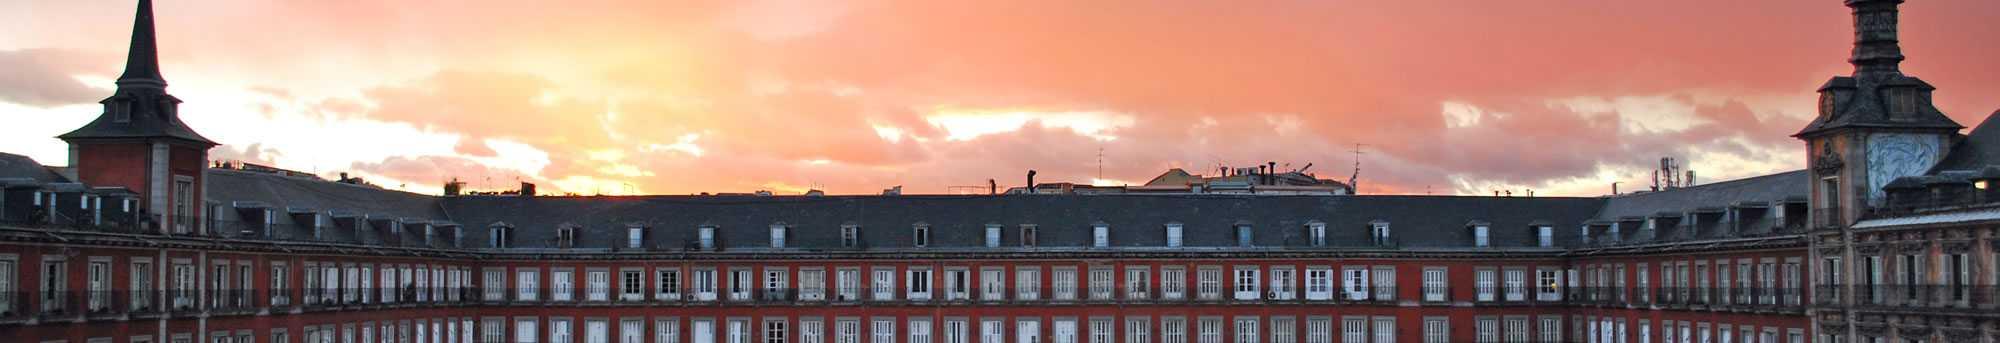 Roteiro Madrid de los Austrias e Palácio Real